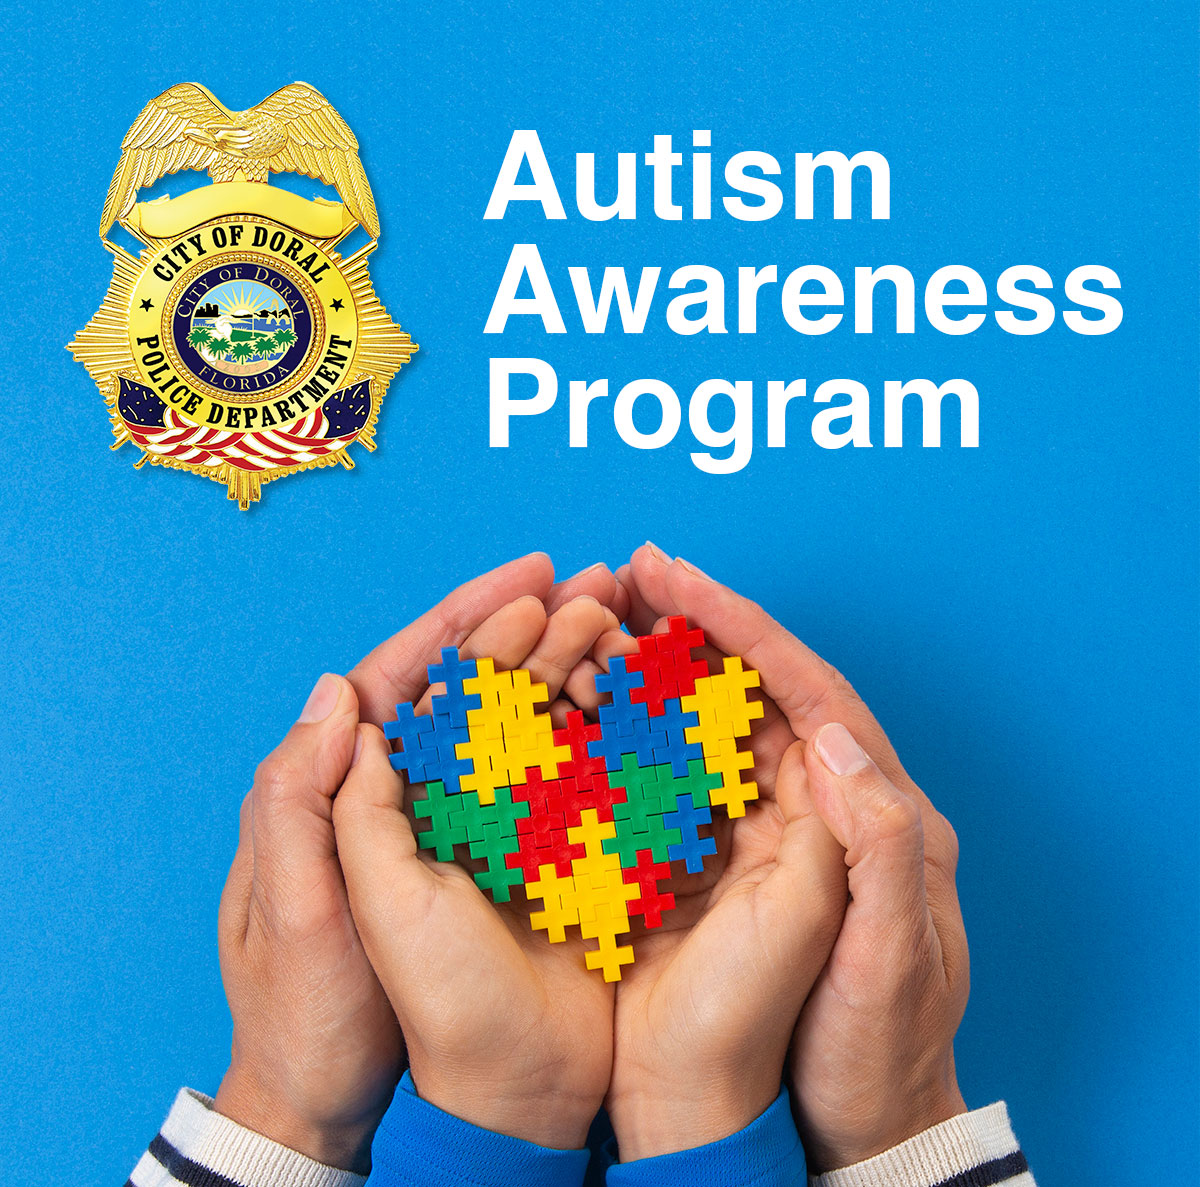 Autism Awareness Program